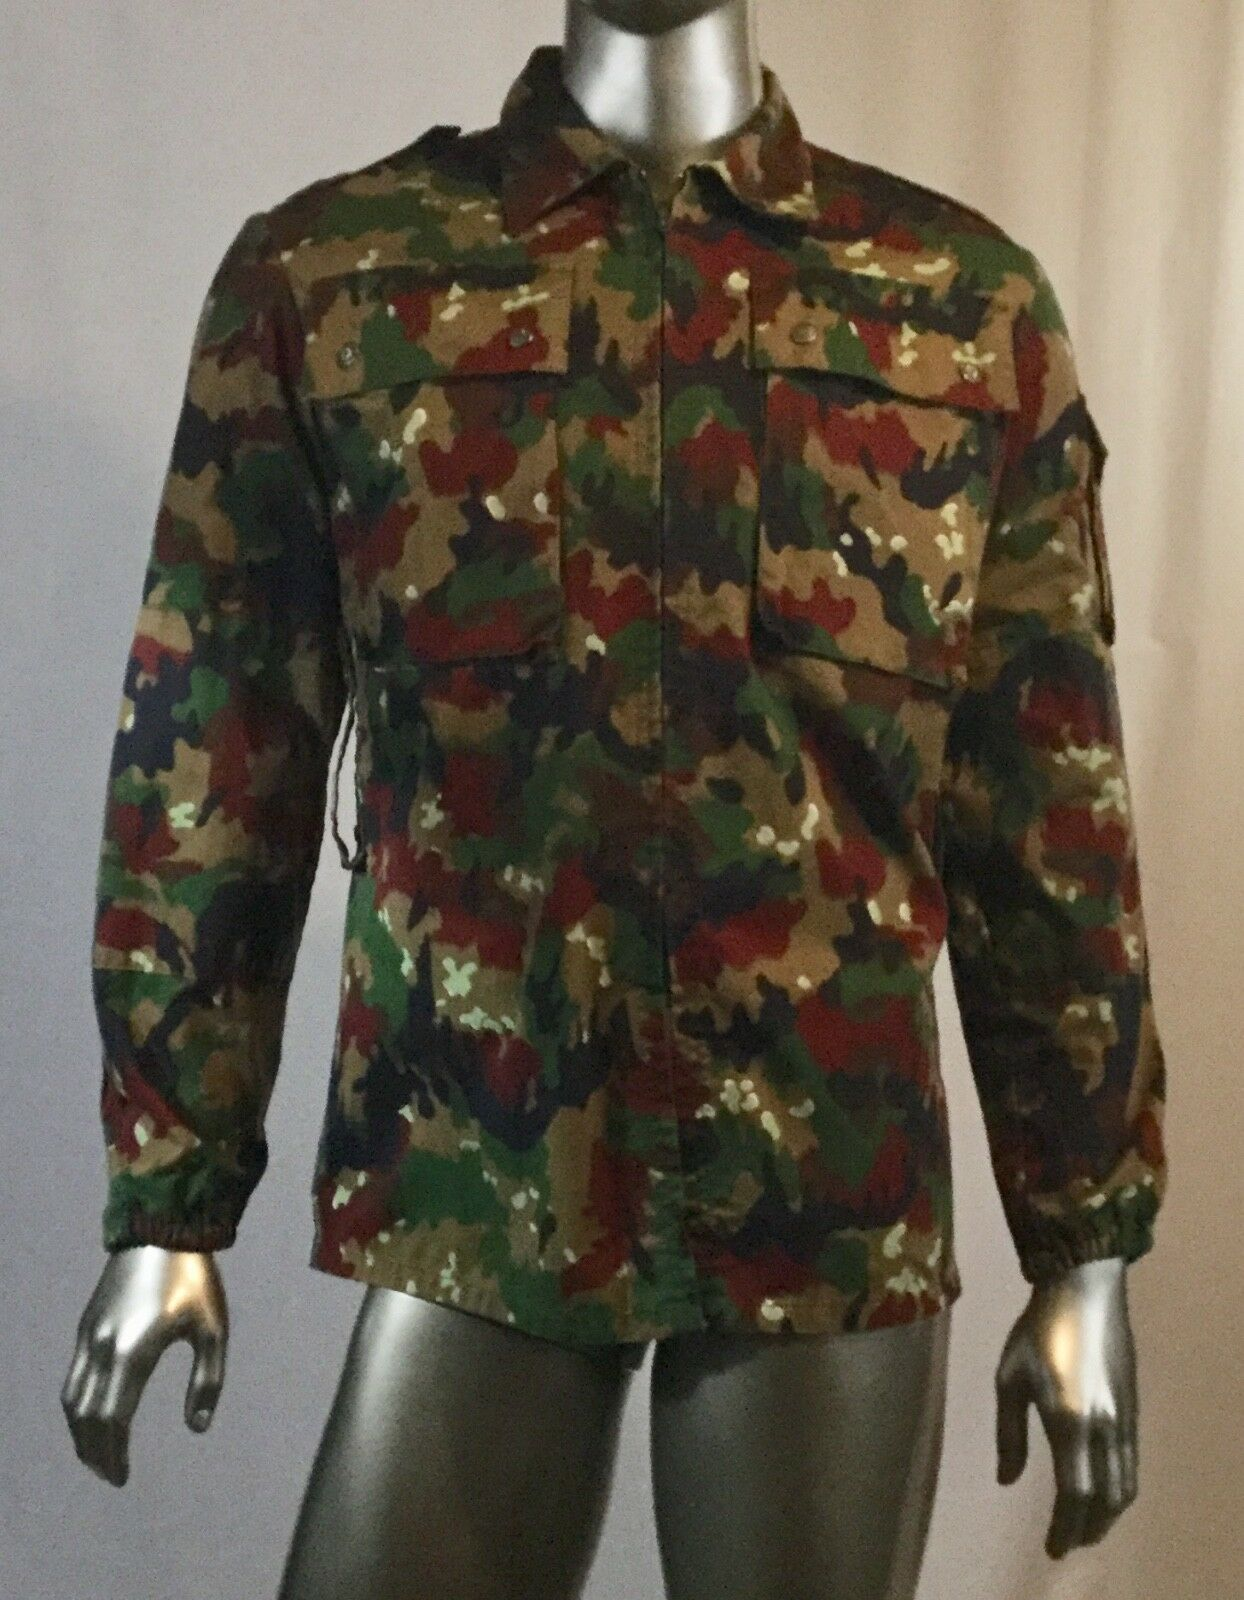 Herren Mans Zip Up Camo Hoody Army Camouflage Top/zip Up, see measurements